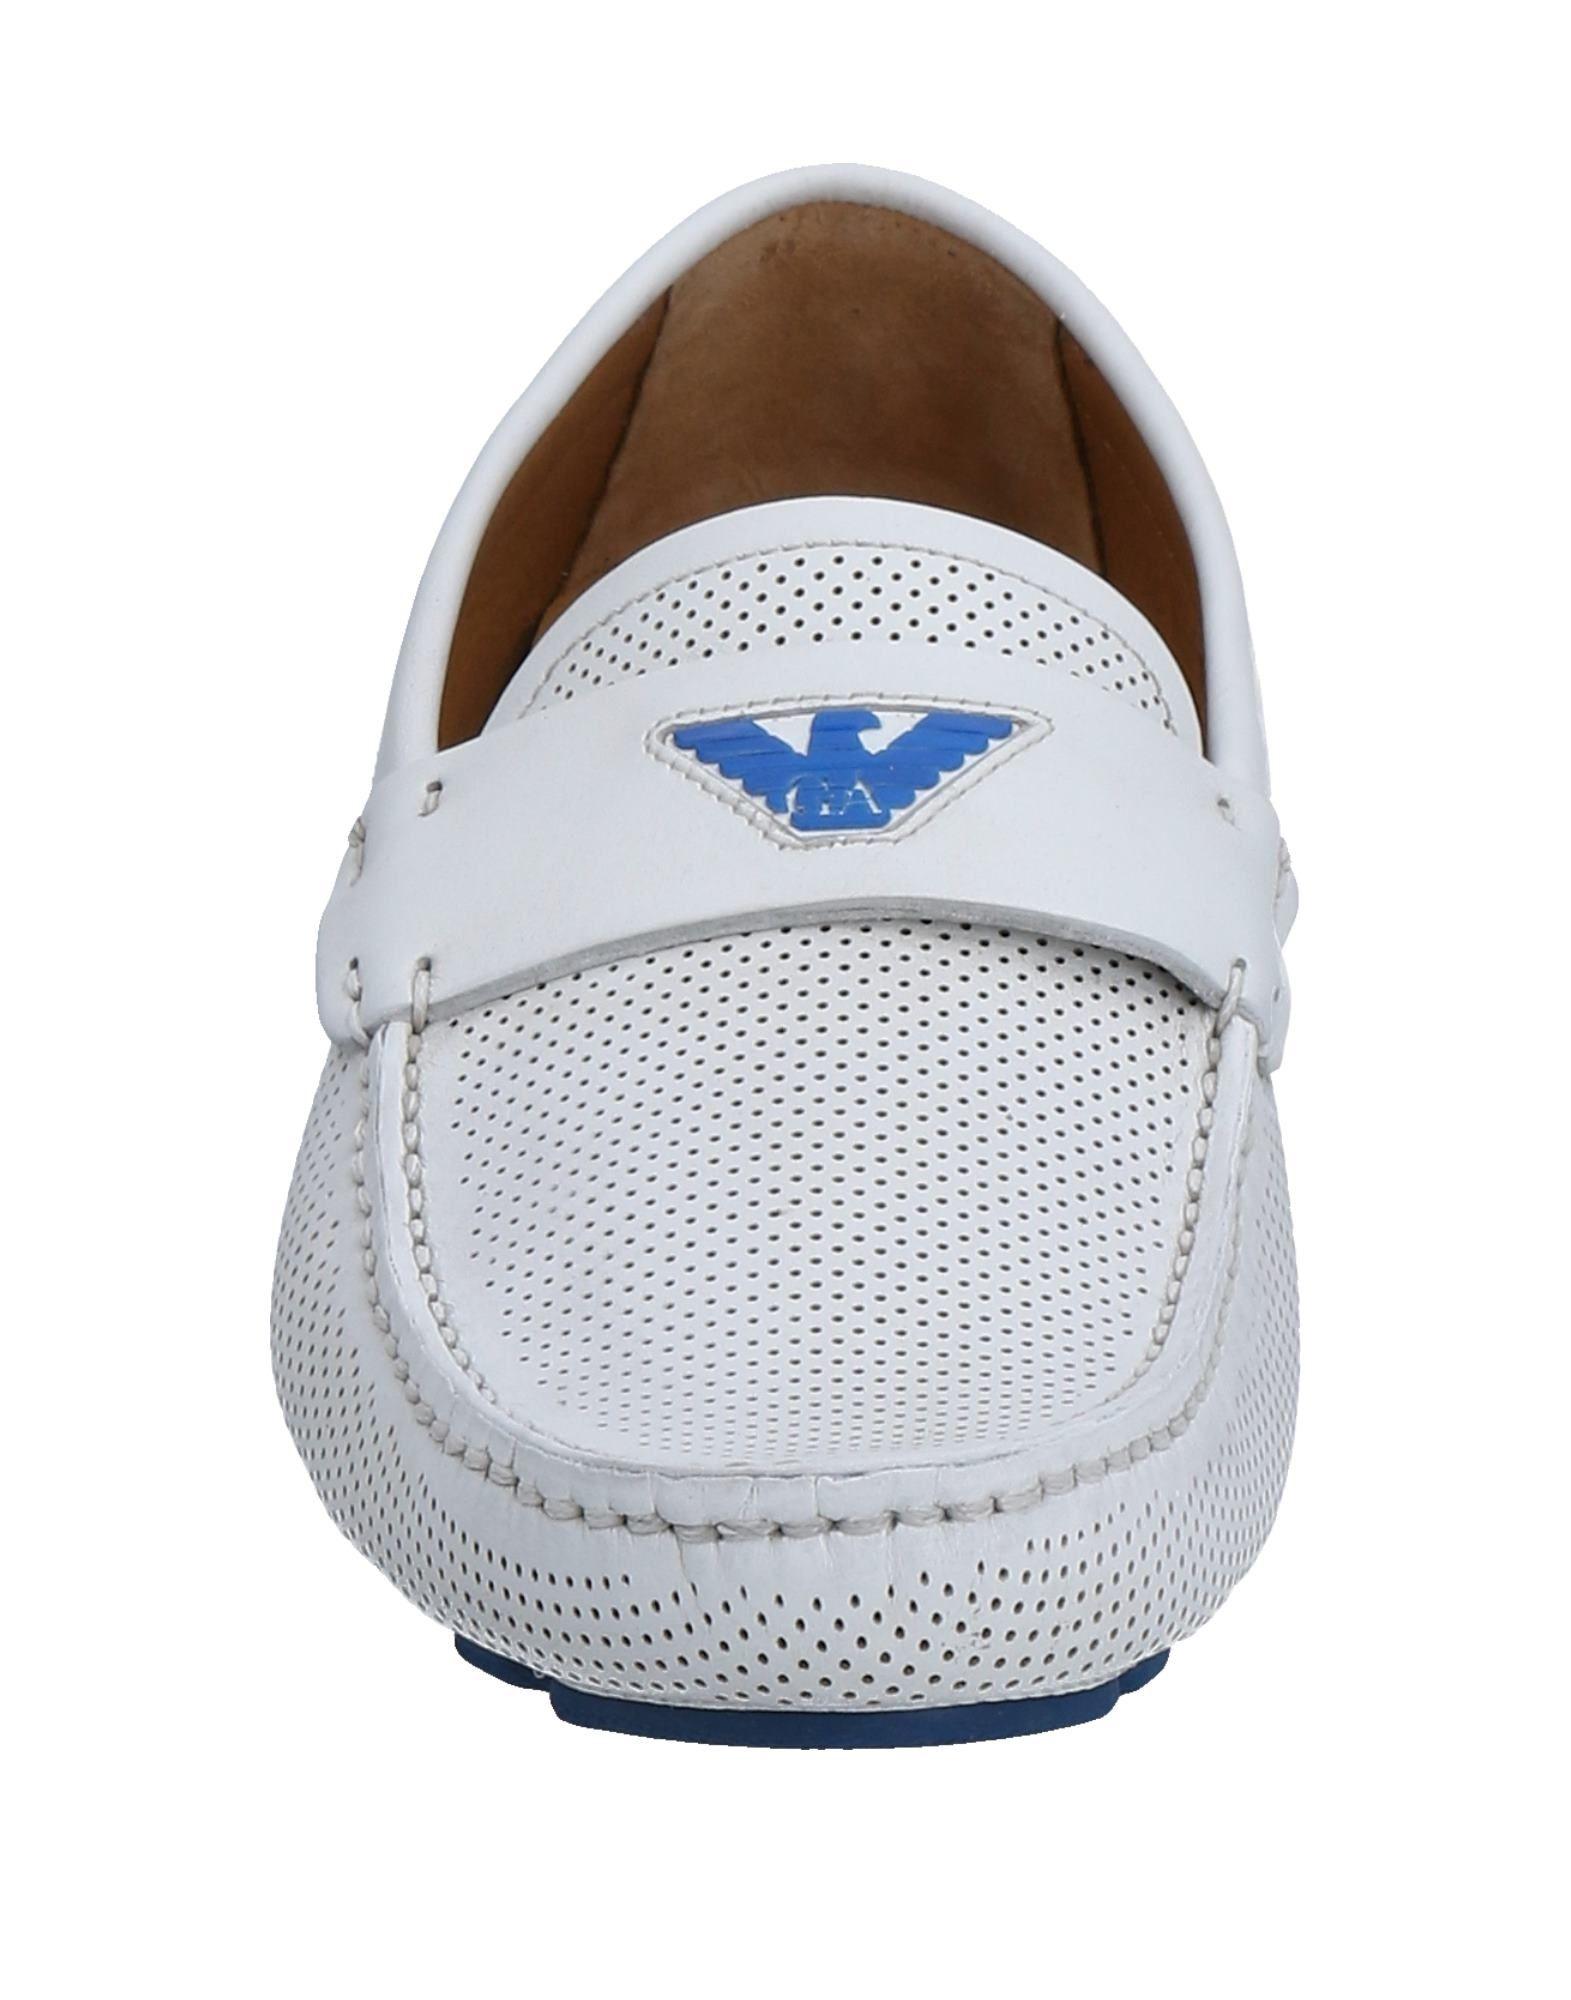 Emporio Armani Mokassins Qualität Herren  11530576MM Gute Qualität Mokassins beliebte Schuhe 4199bb